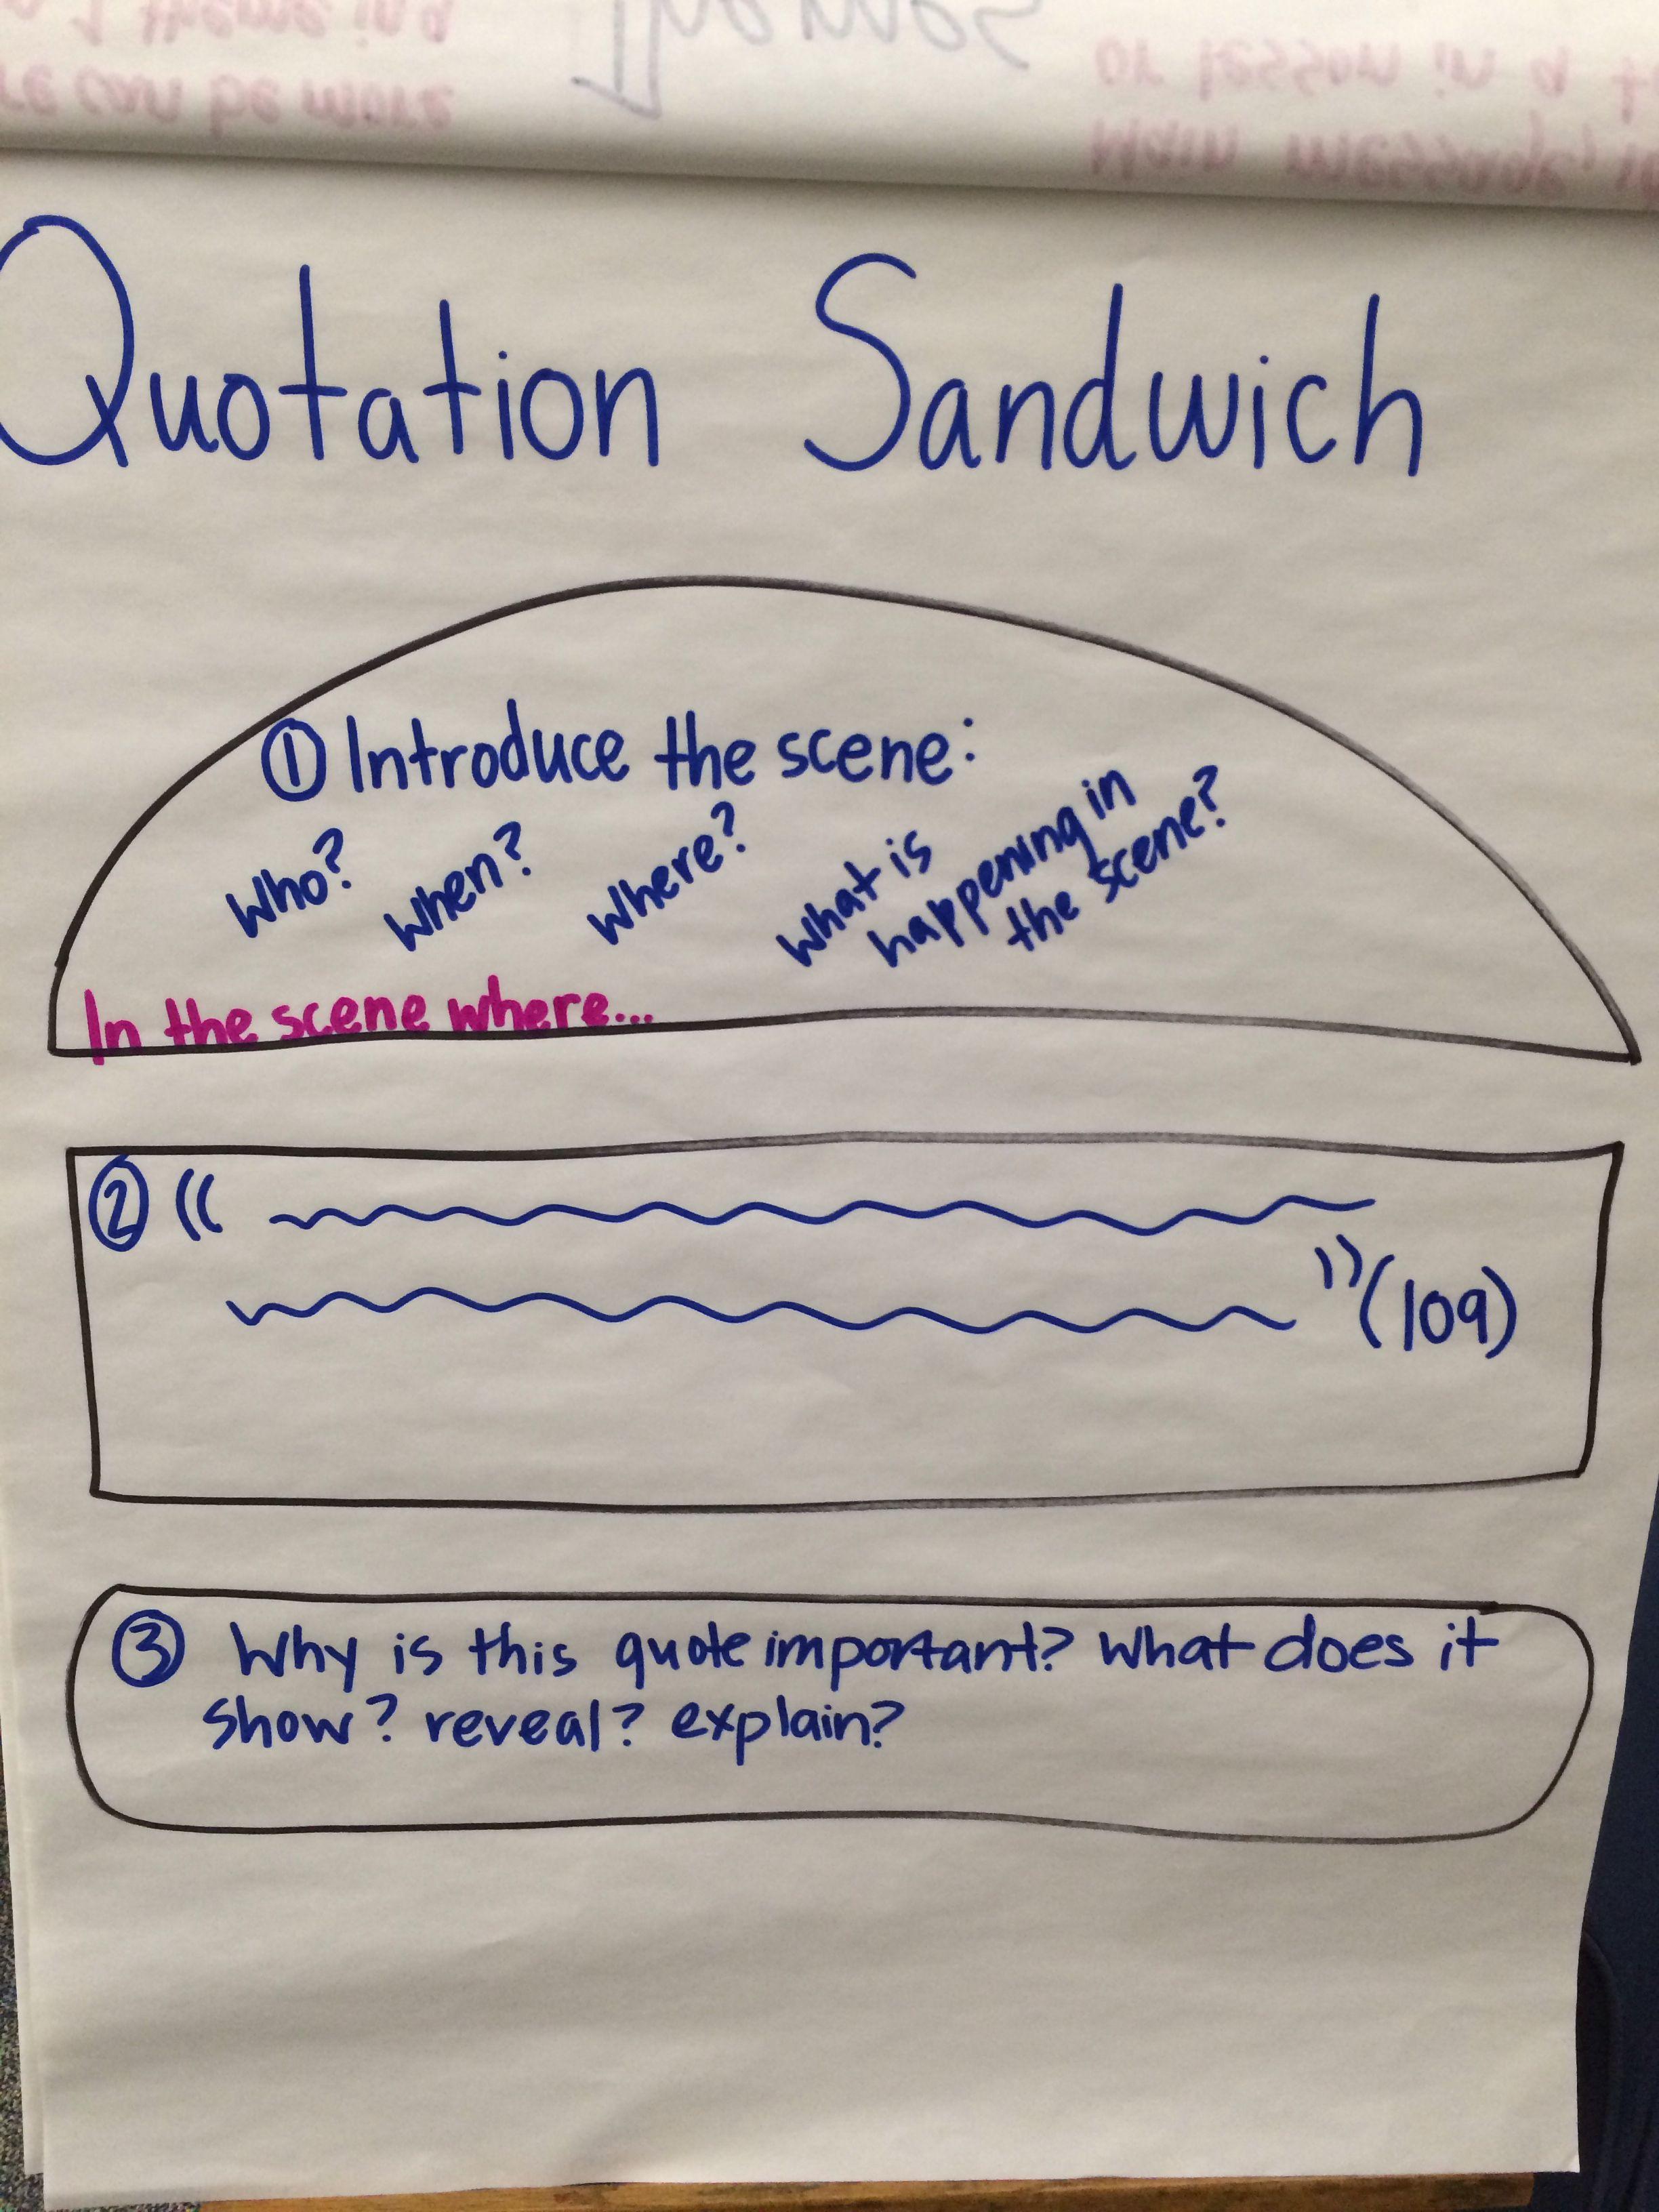 Quotation Sandwich Chart